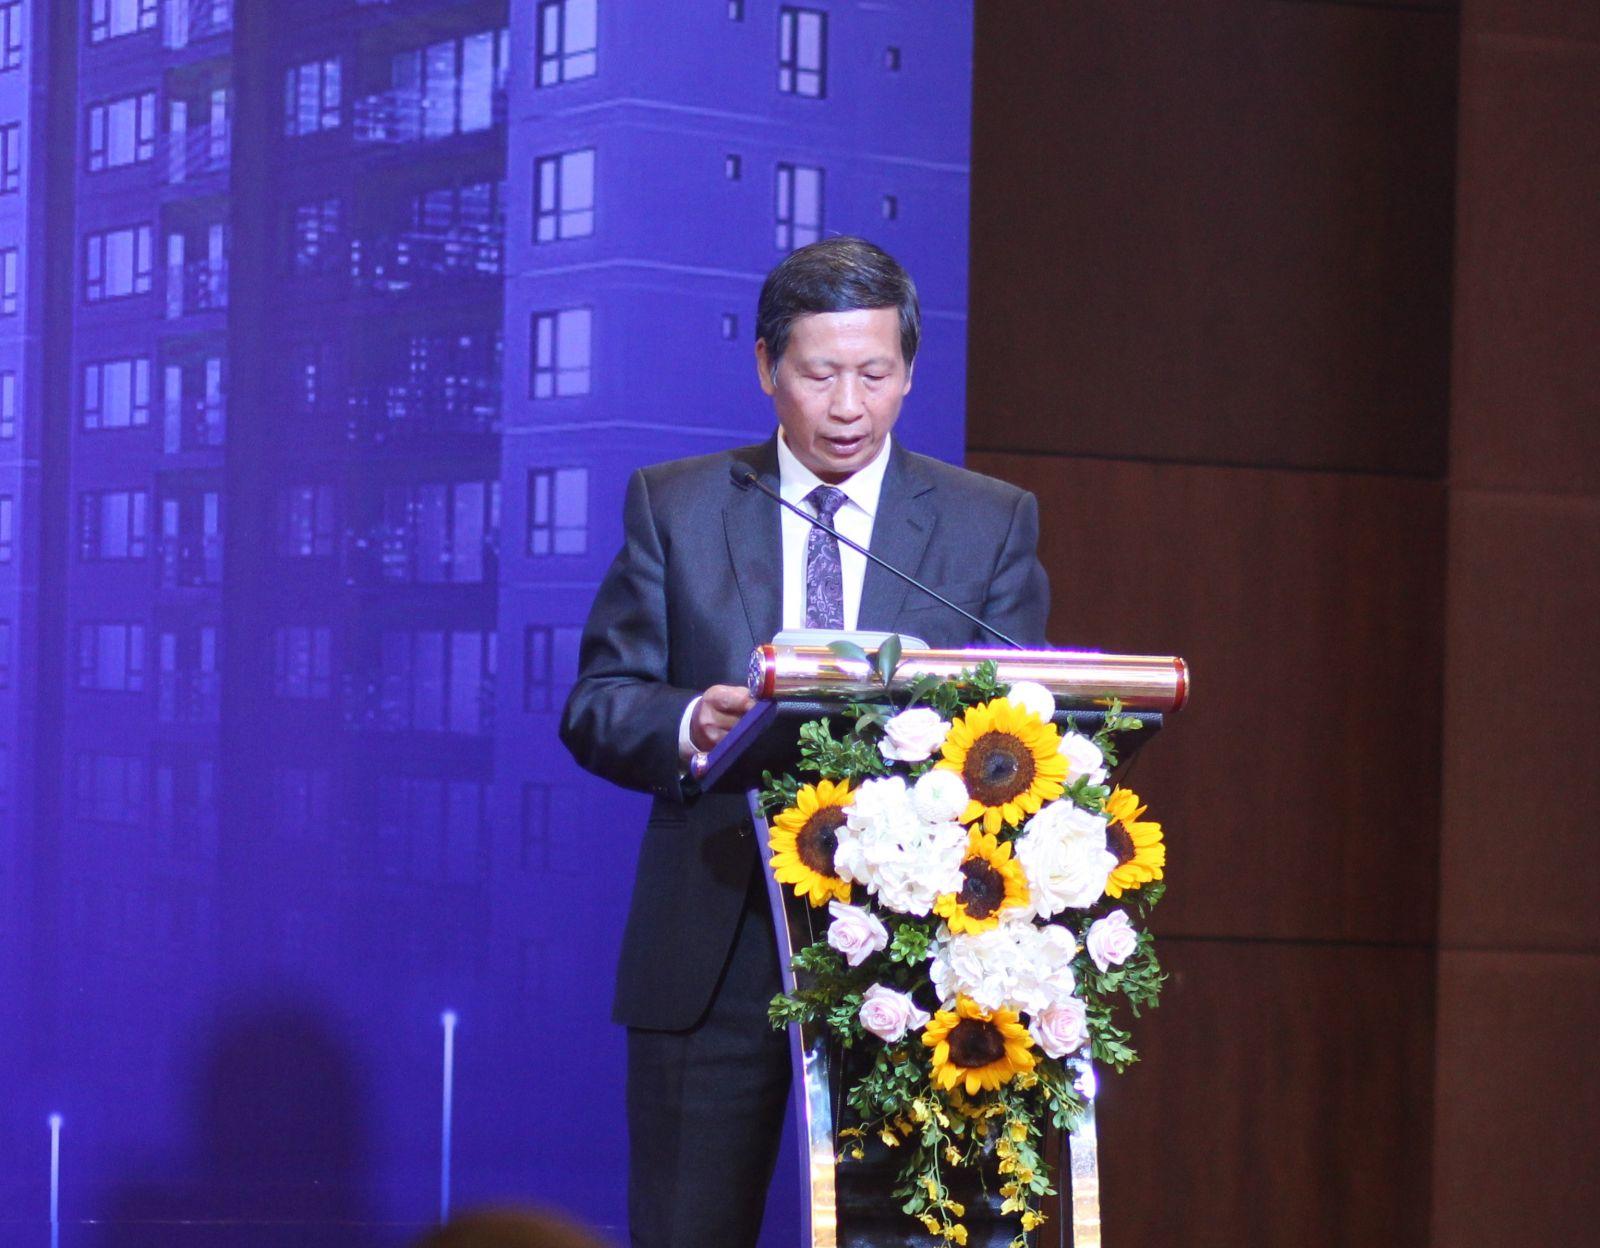 Vai trò, vị thế và uy tín của Hiệp hội Bất động sản Việt Nam ngày càng được khẳng định